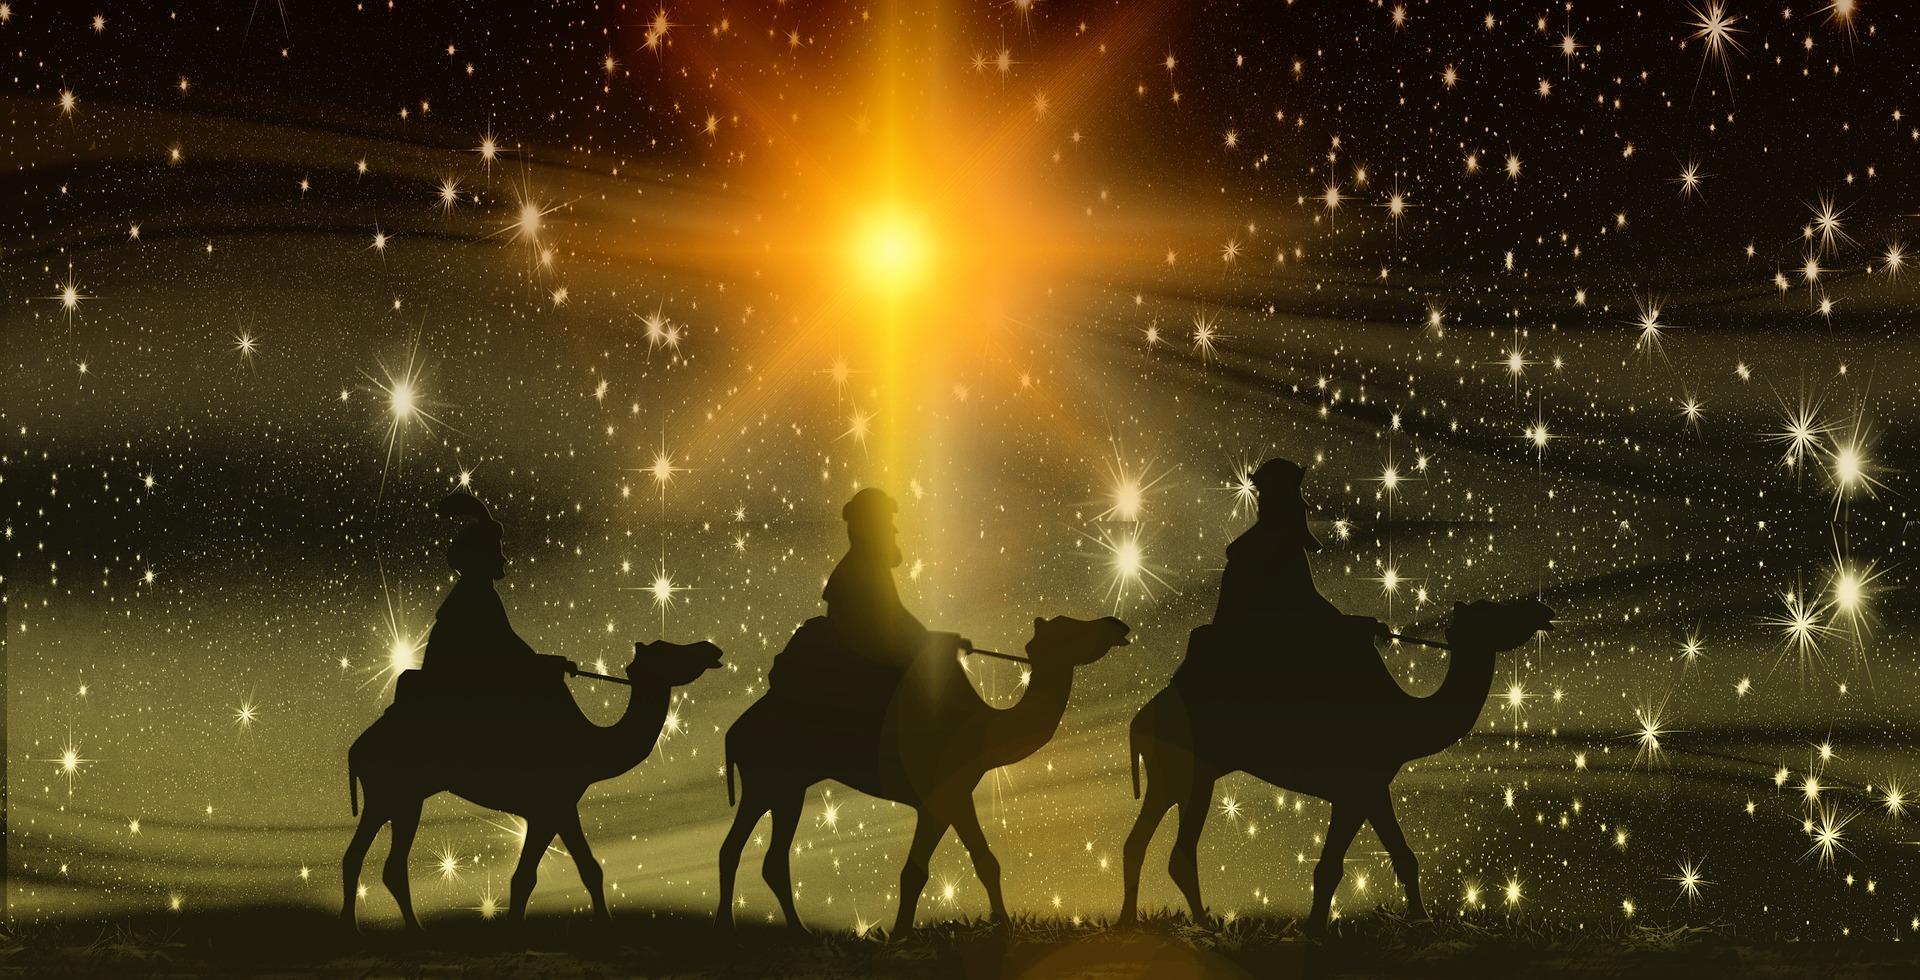 Die heiligen Drei Könige (und Königinnen) - der Abschluss der Rauhnächte